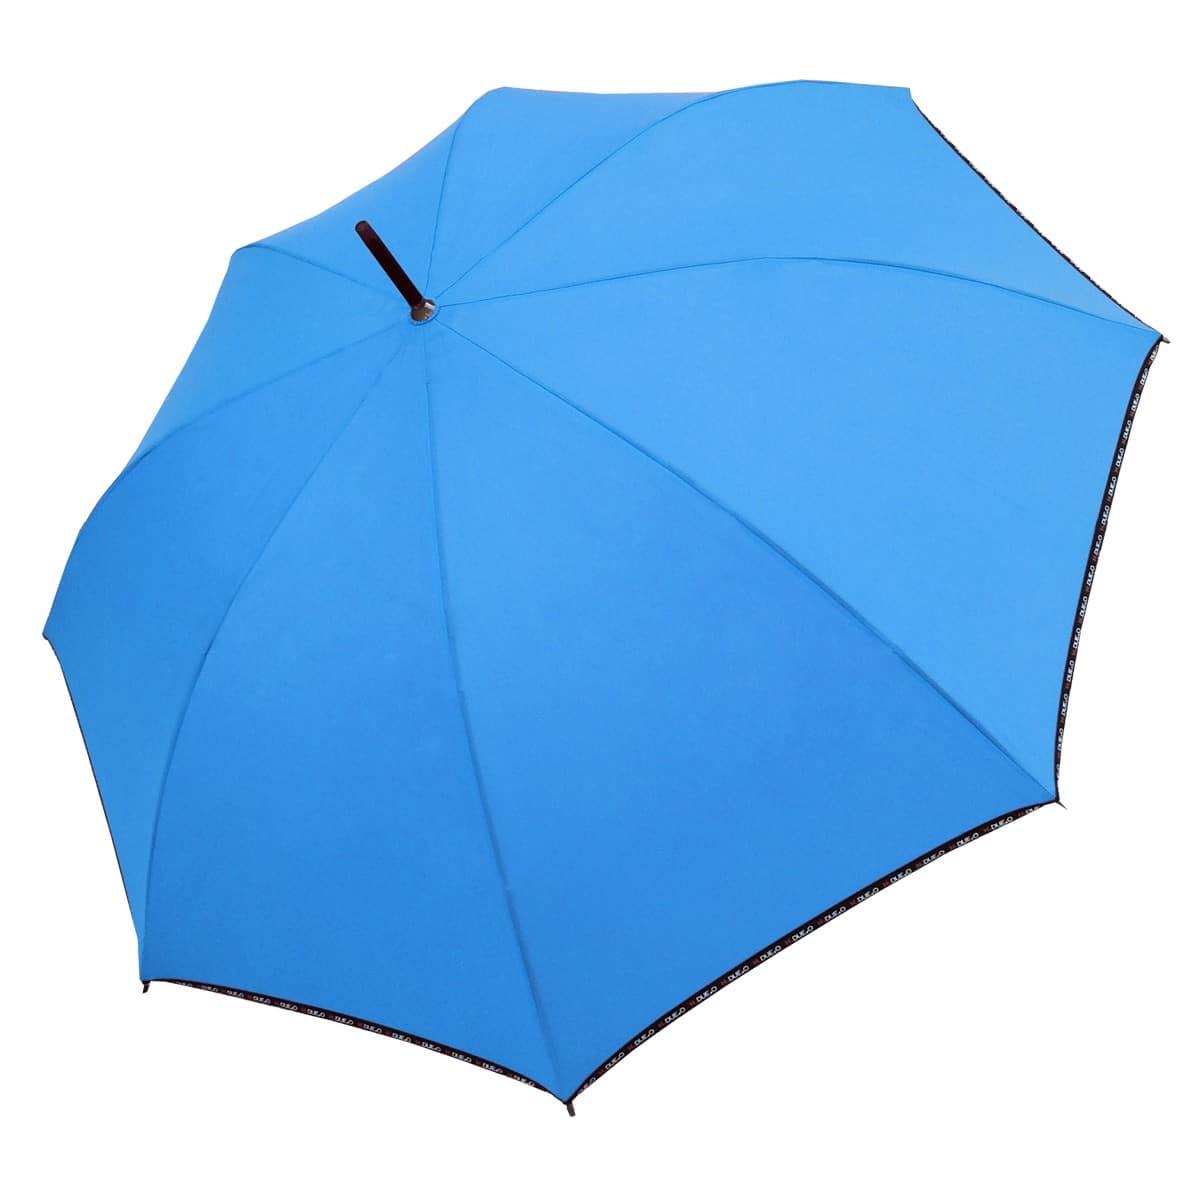 Ombrello H-400 azzurro aperto - H.2.O